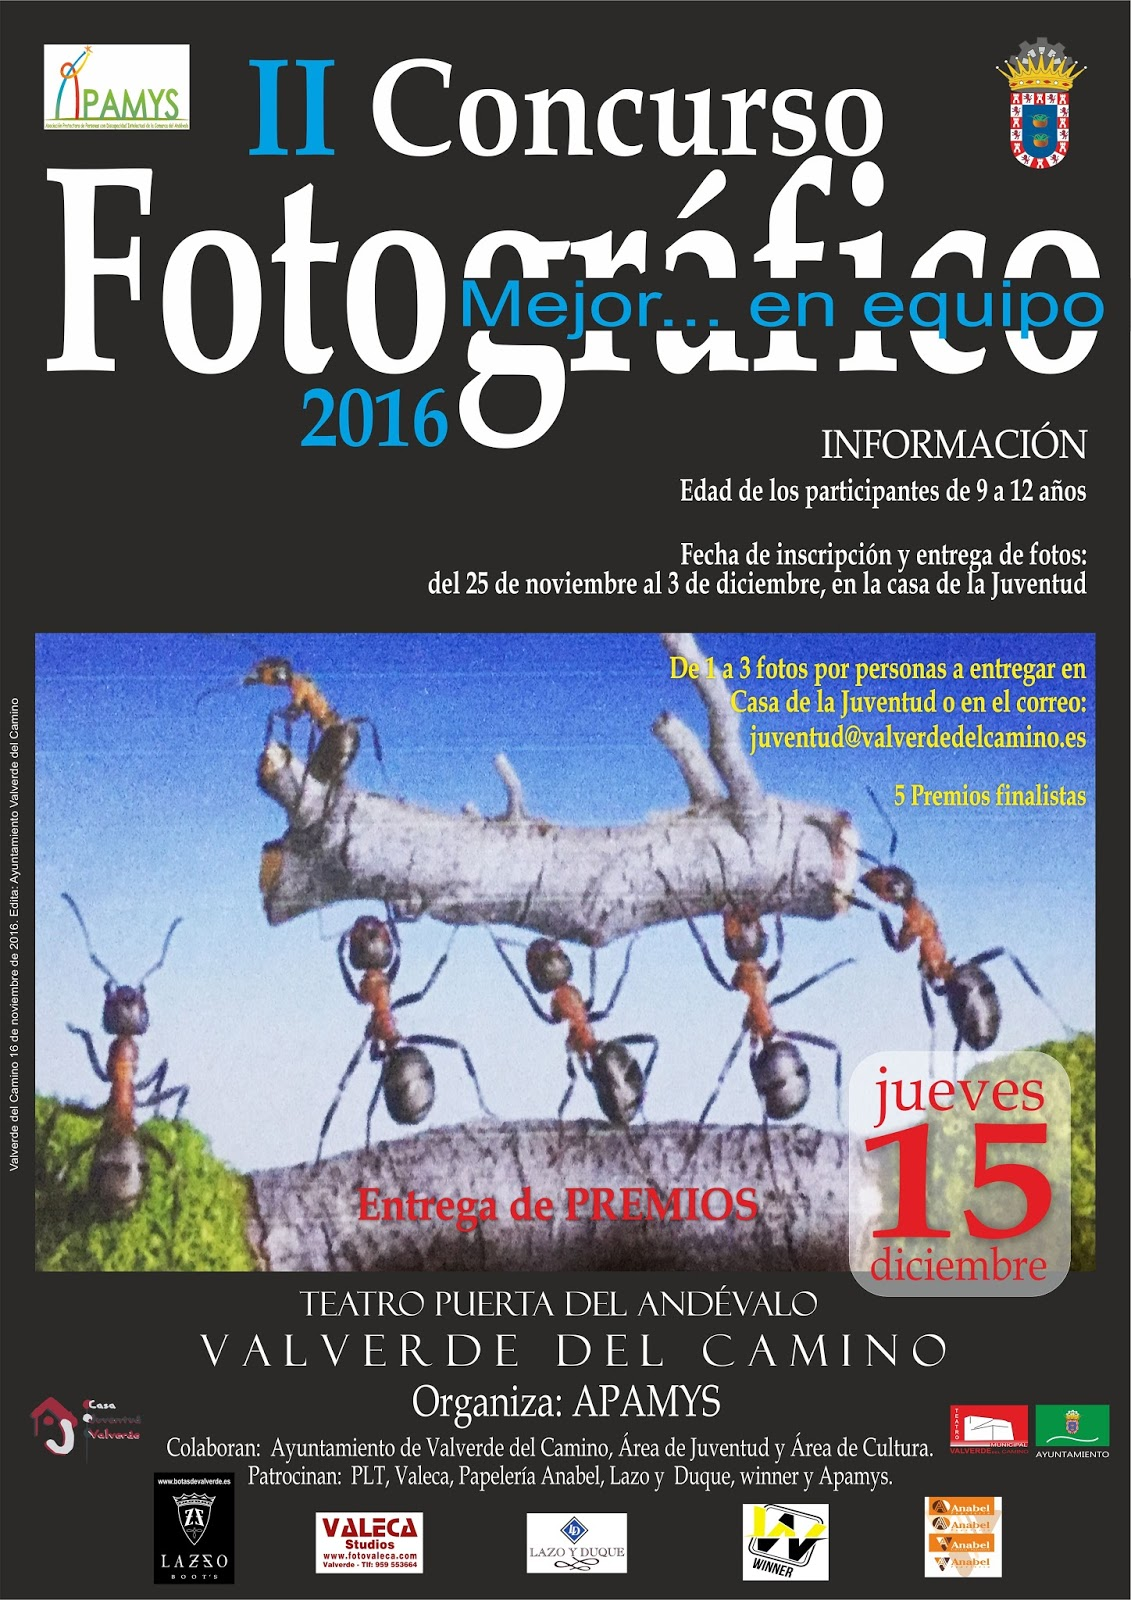 II Concurso Fotográfico de Apamys